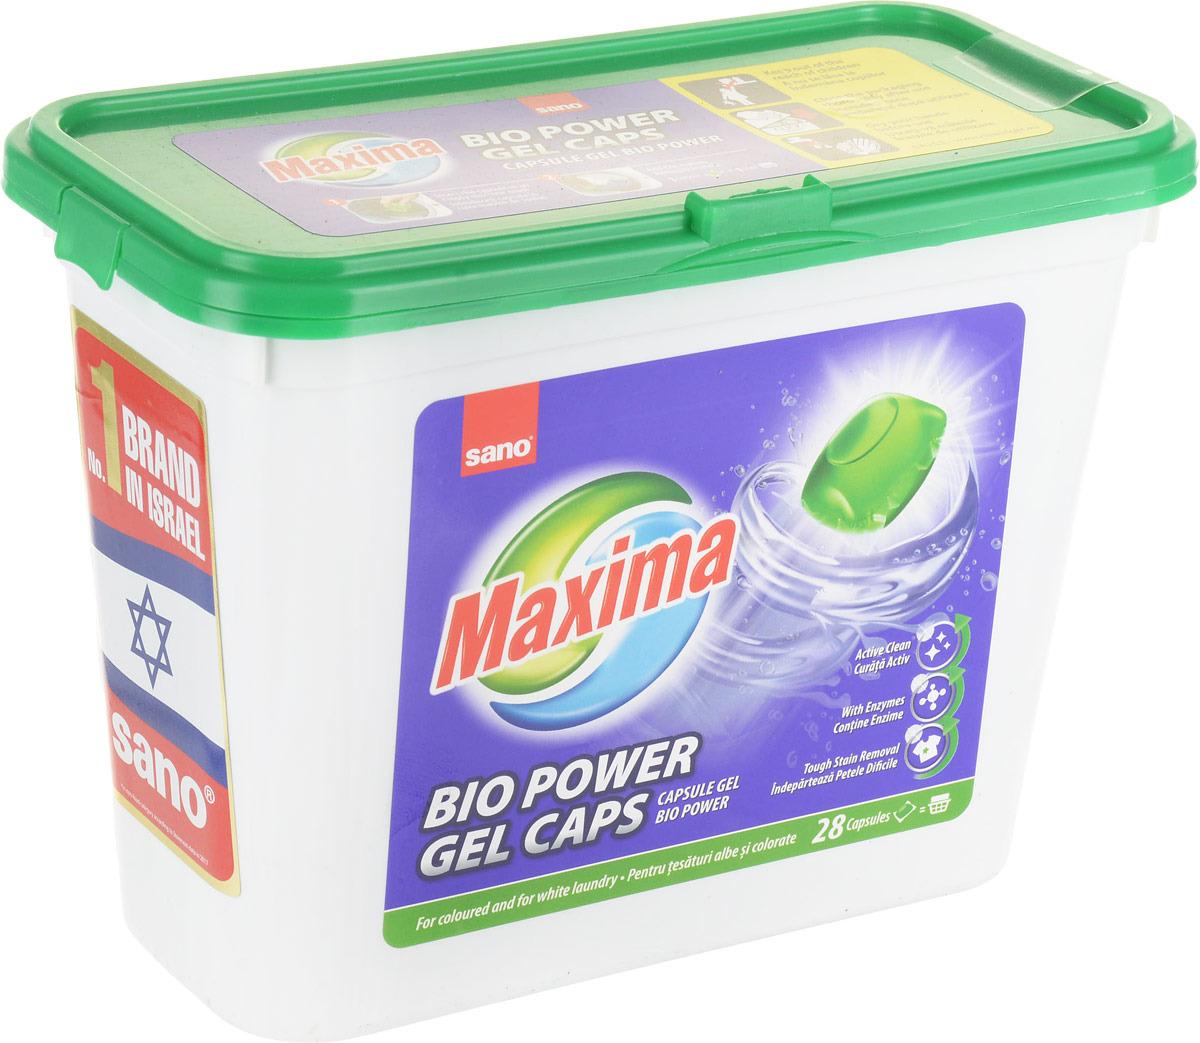 Гель для стирки Sano Maxima Bio, с биодобавками, в капсулах, 28 шт гель для стирки sano coldwater sensitive концентрированный 2 л